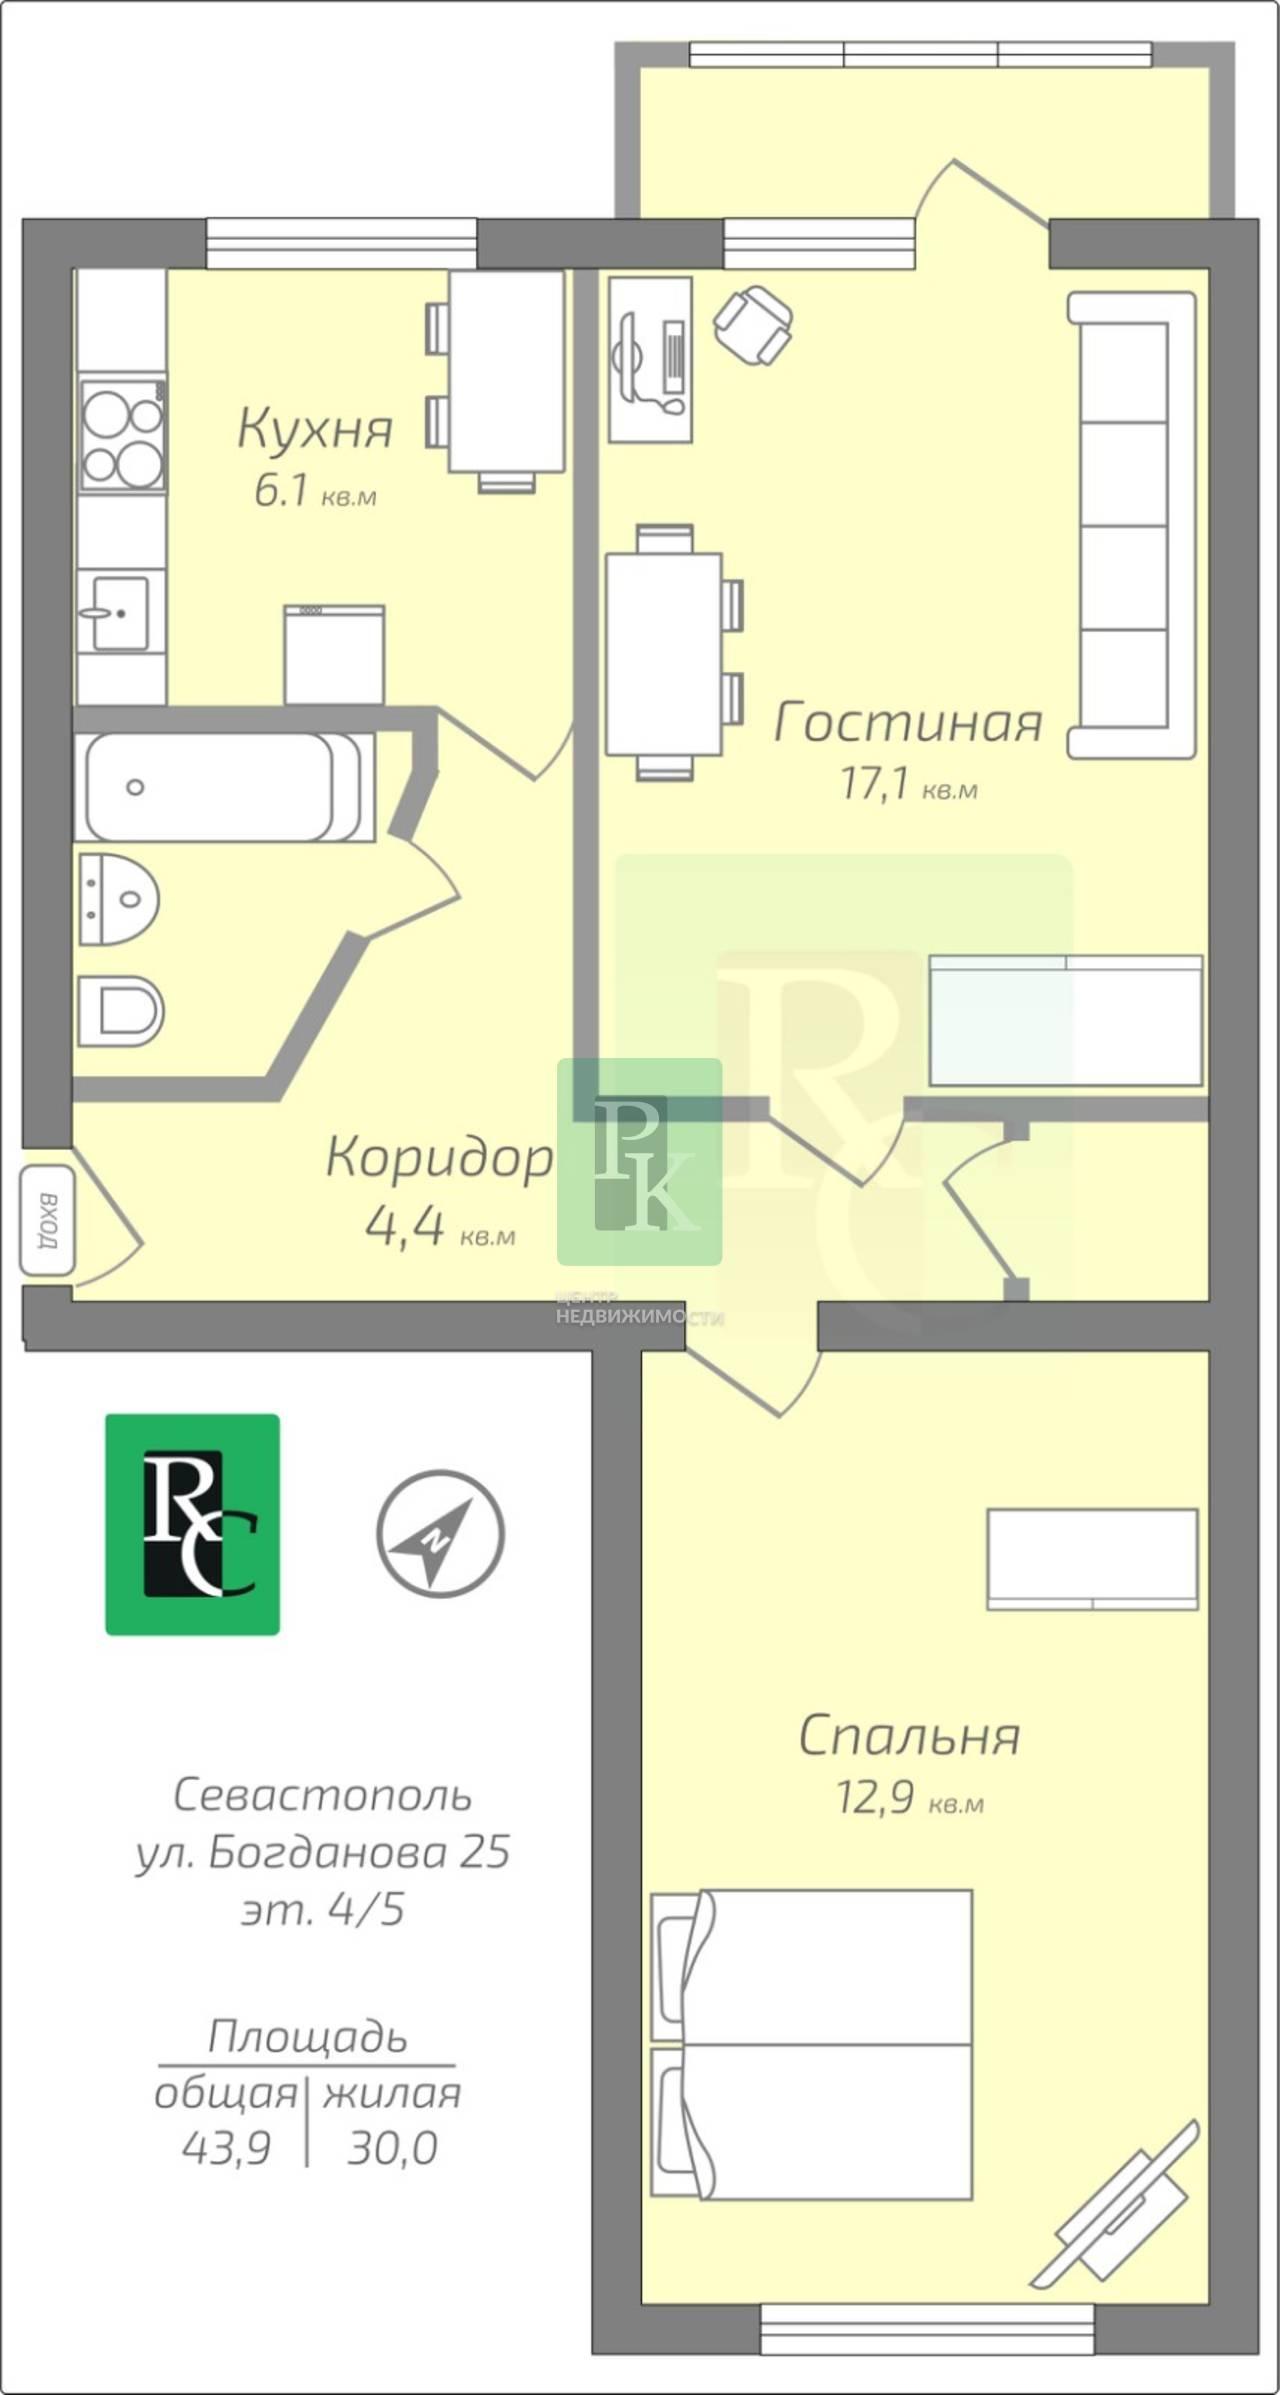 Двухкомнатная квартира по улице Богданова 25.